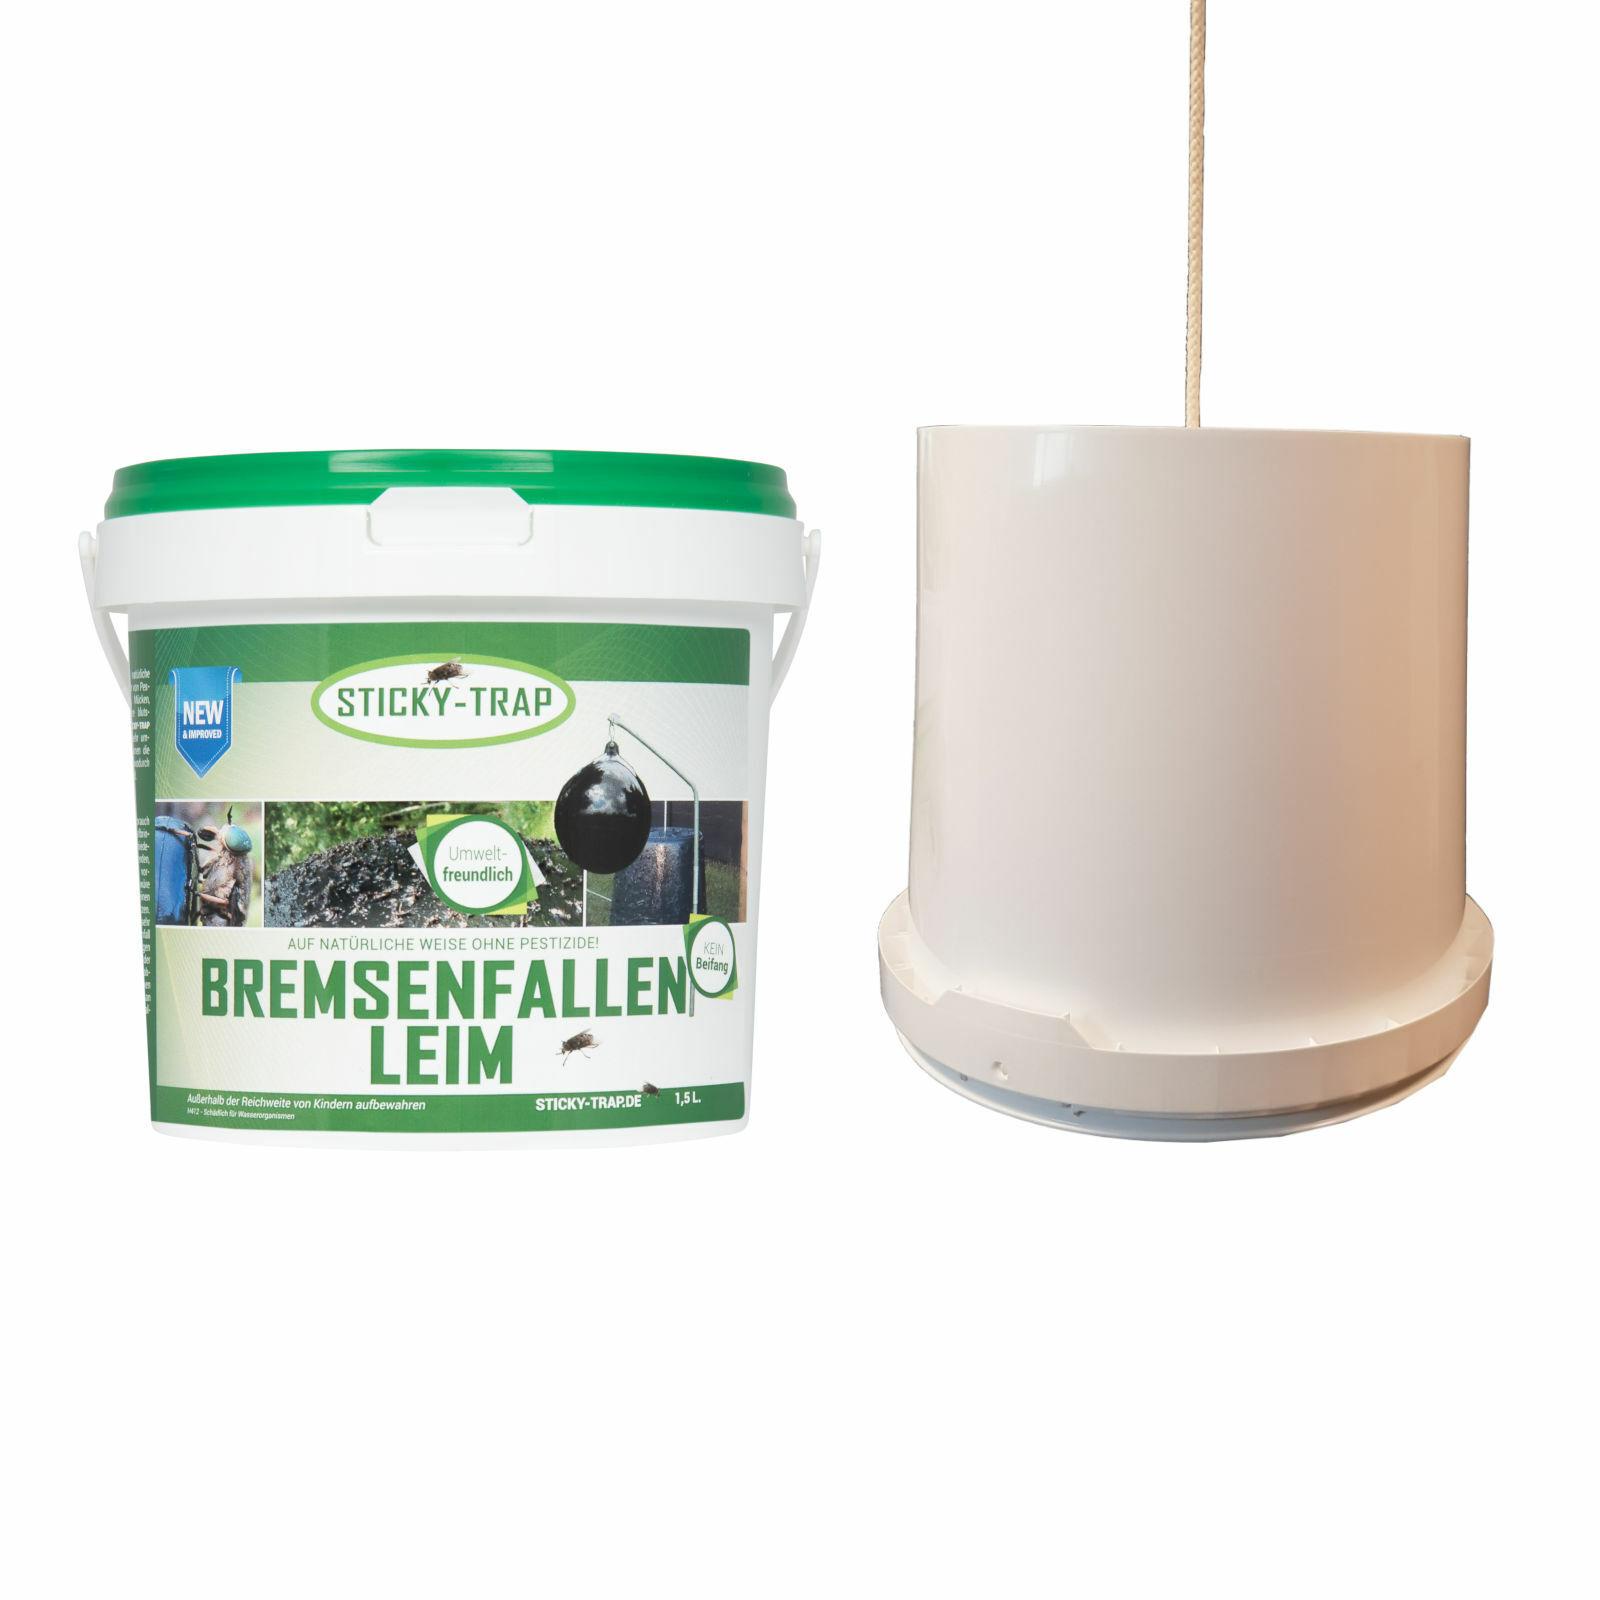 Sticky trap bremsenfallenleim con cubo blancoo - 1,5 litros de moscas establo frenos